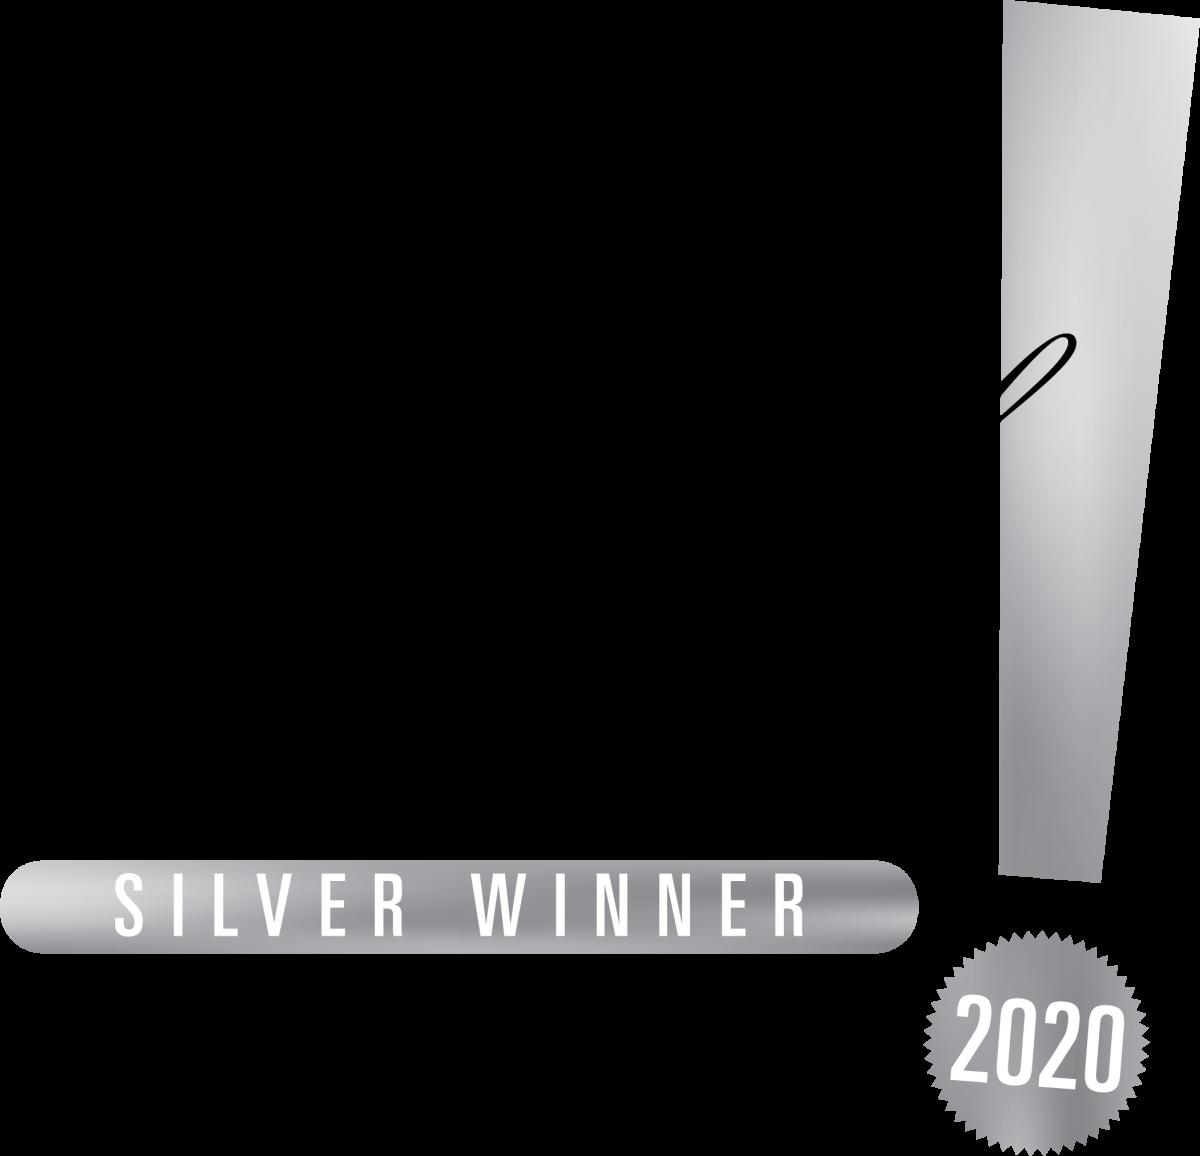 Lo mejor de Las Vegas - Premio de plata